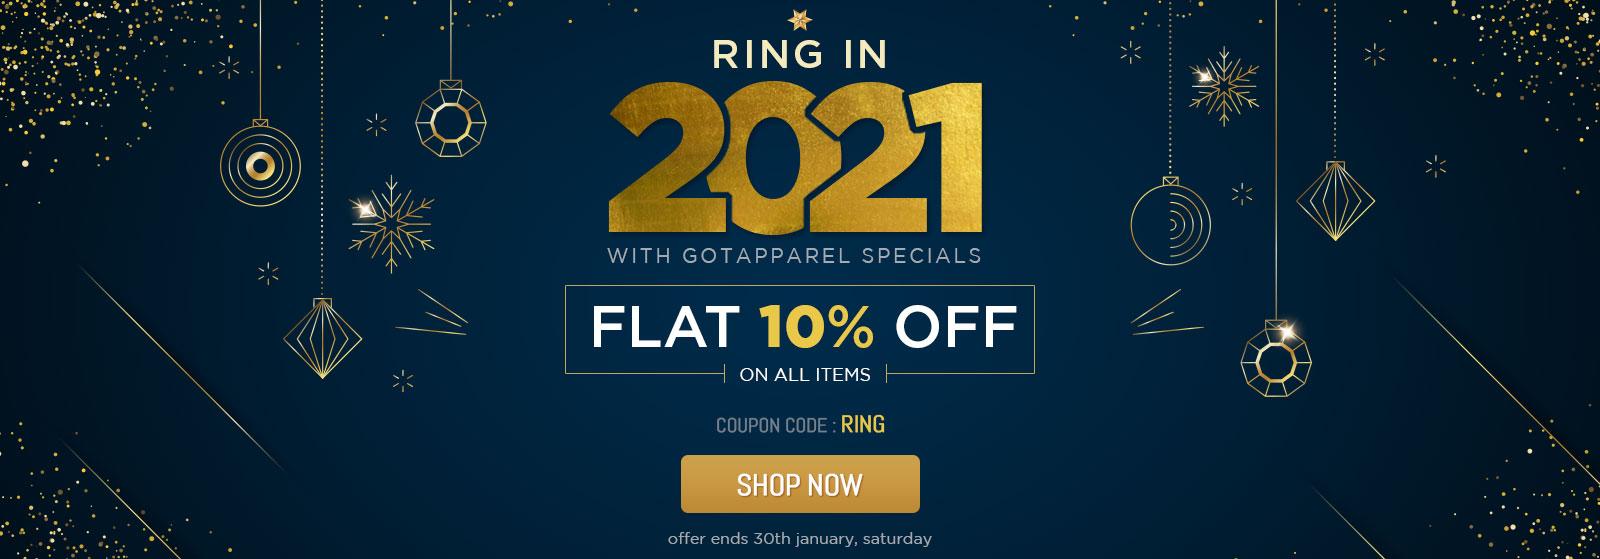 Ring-in-2021.jpg